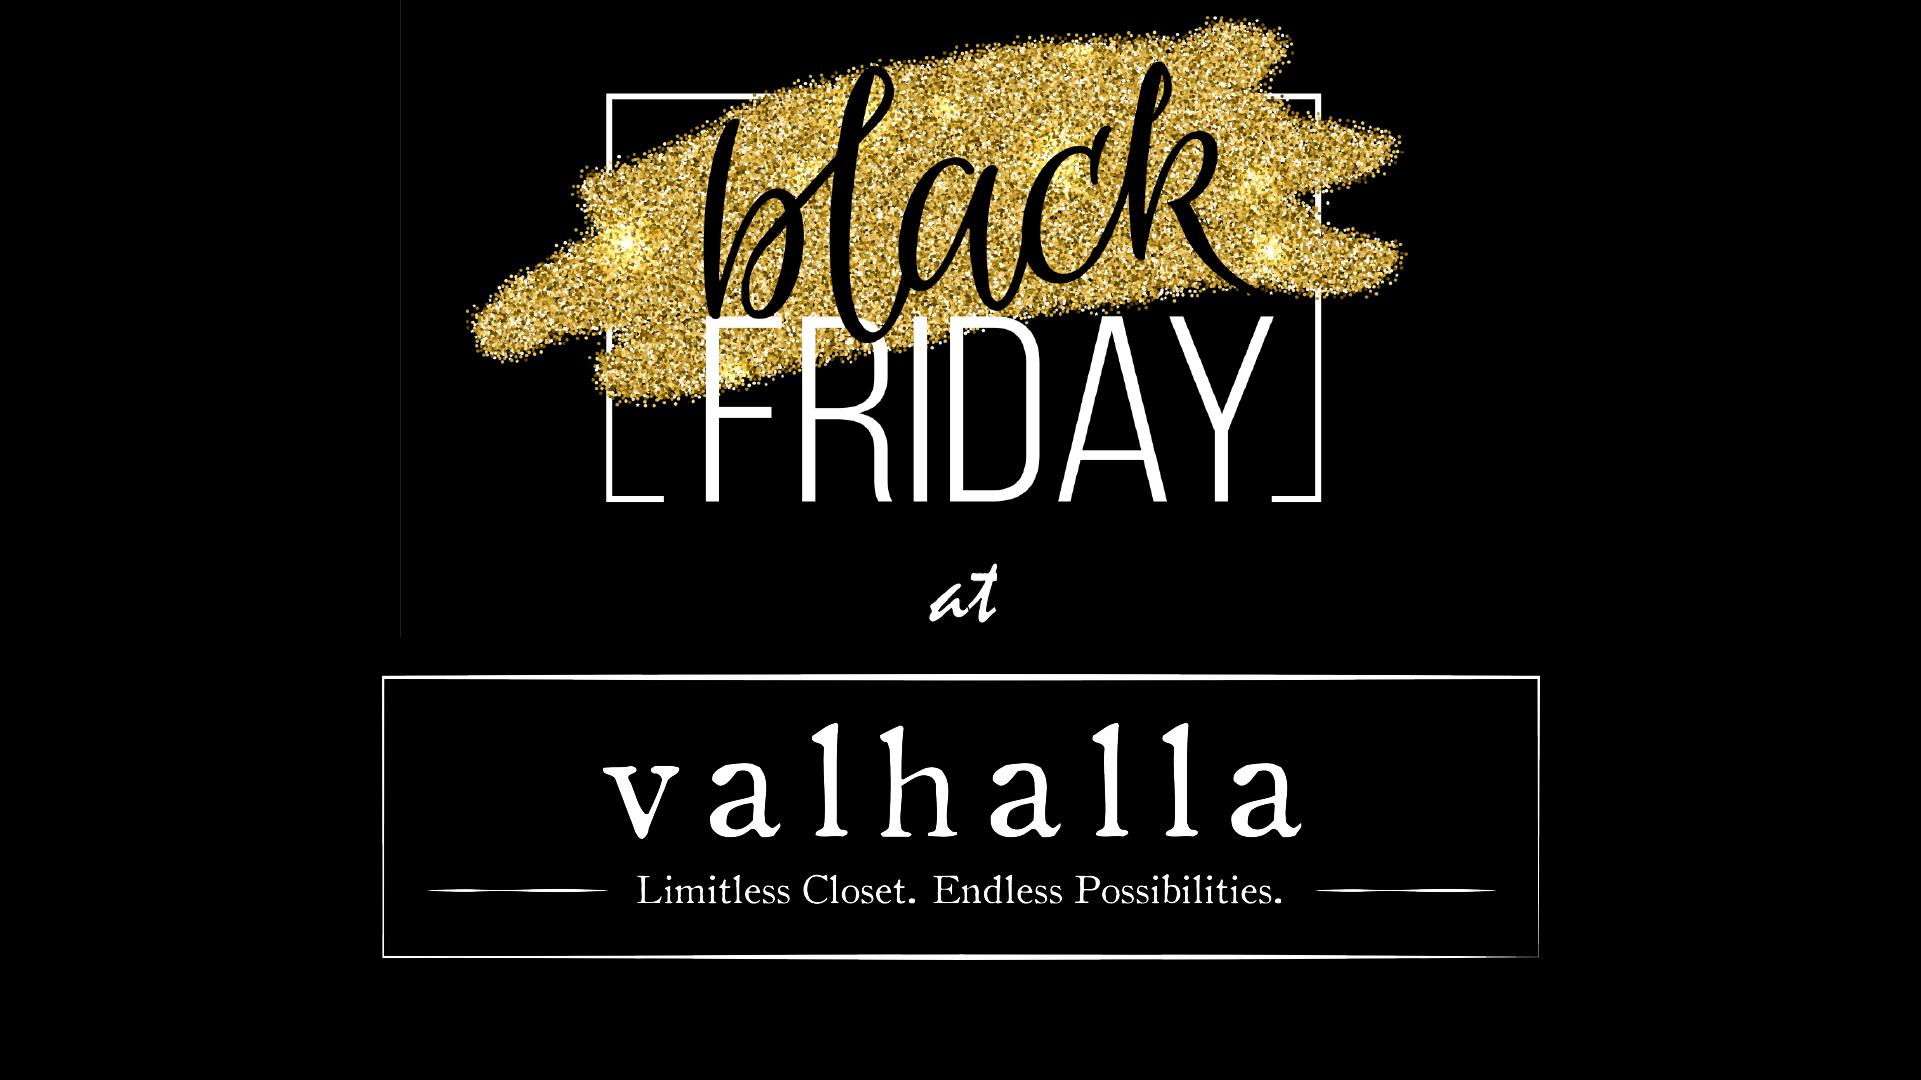 Valhalla Black Friday